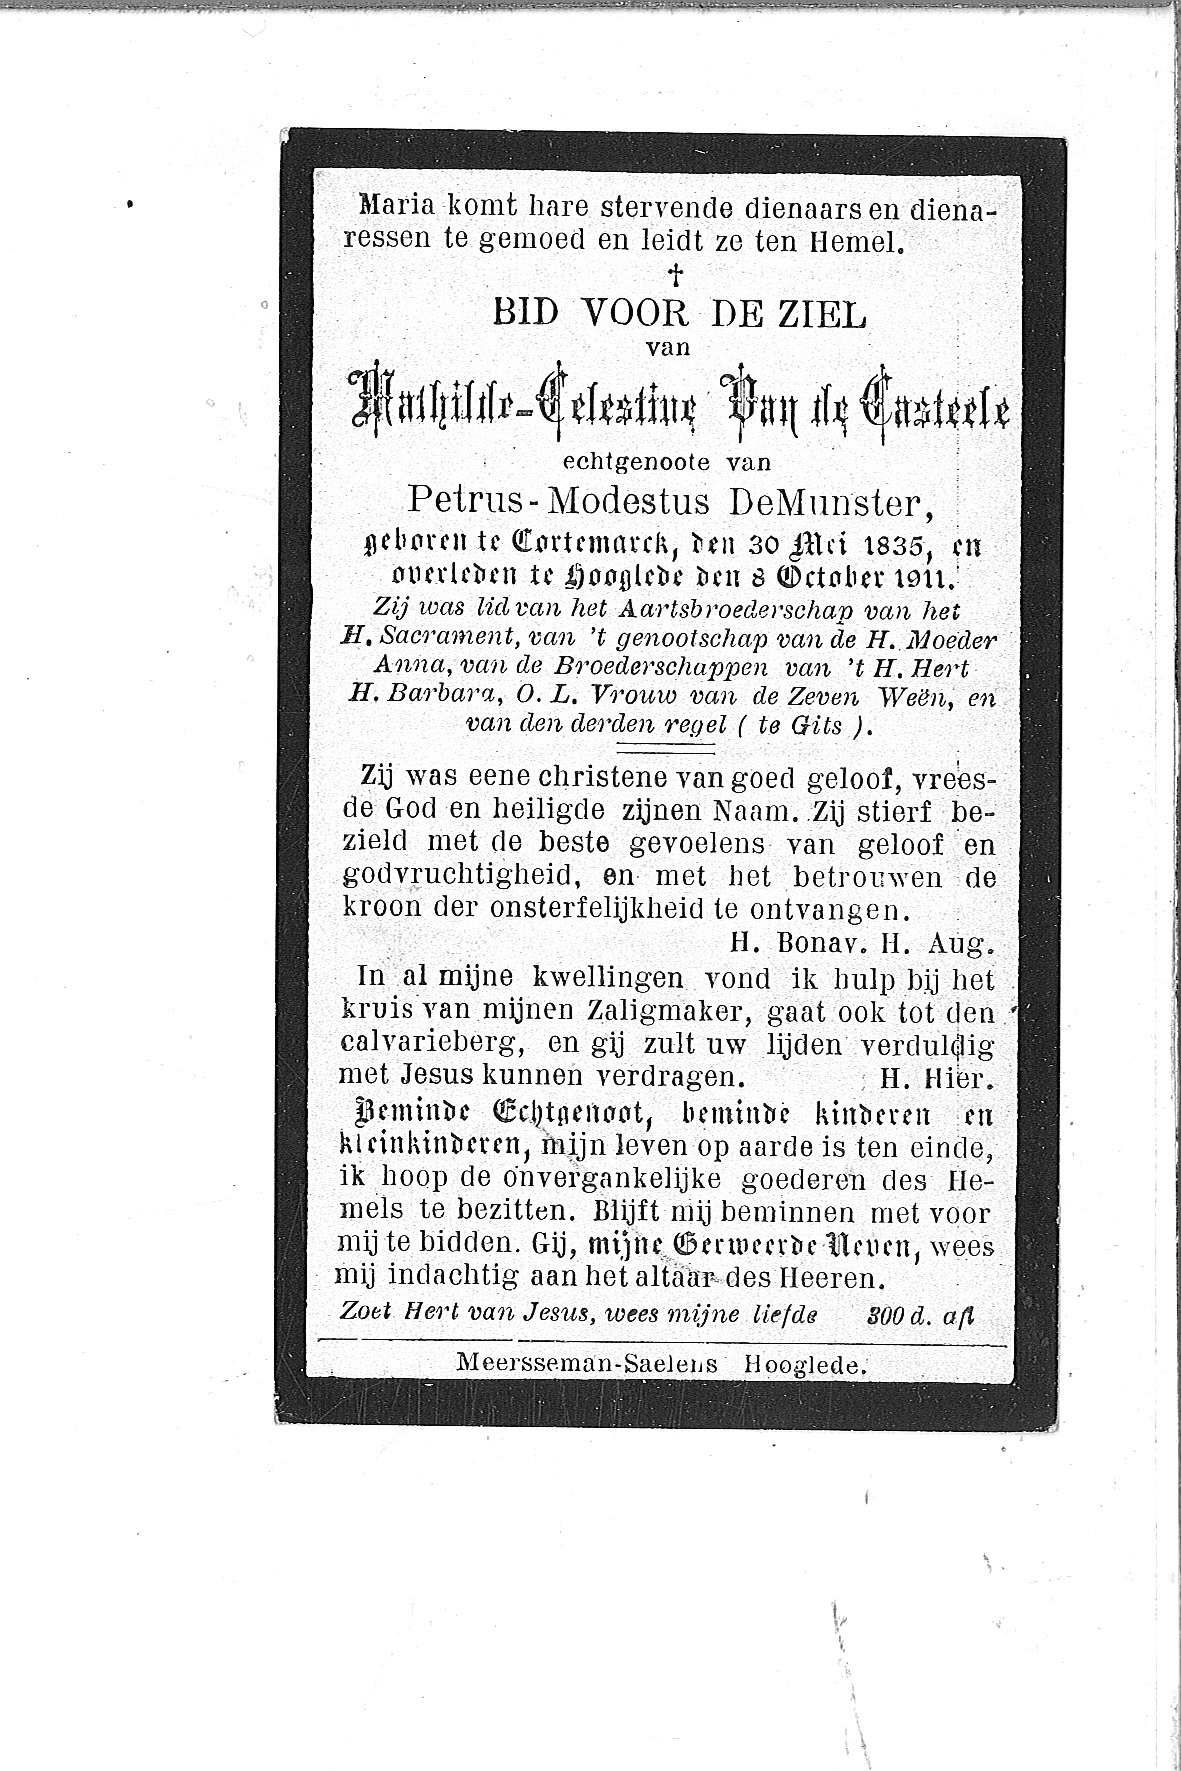 Mathilde-Celestine(1911)20140114094217_00061.jpg